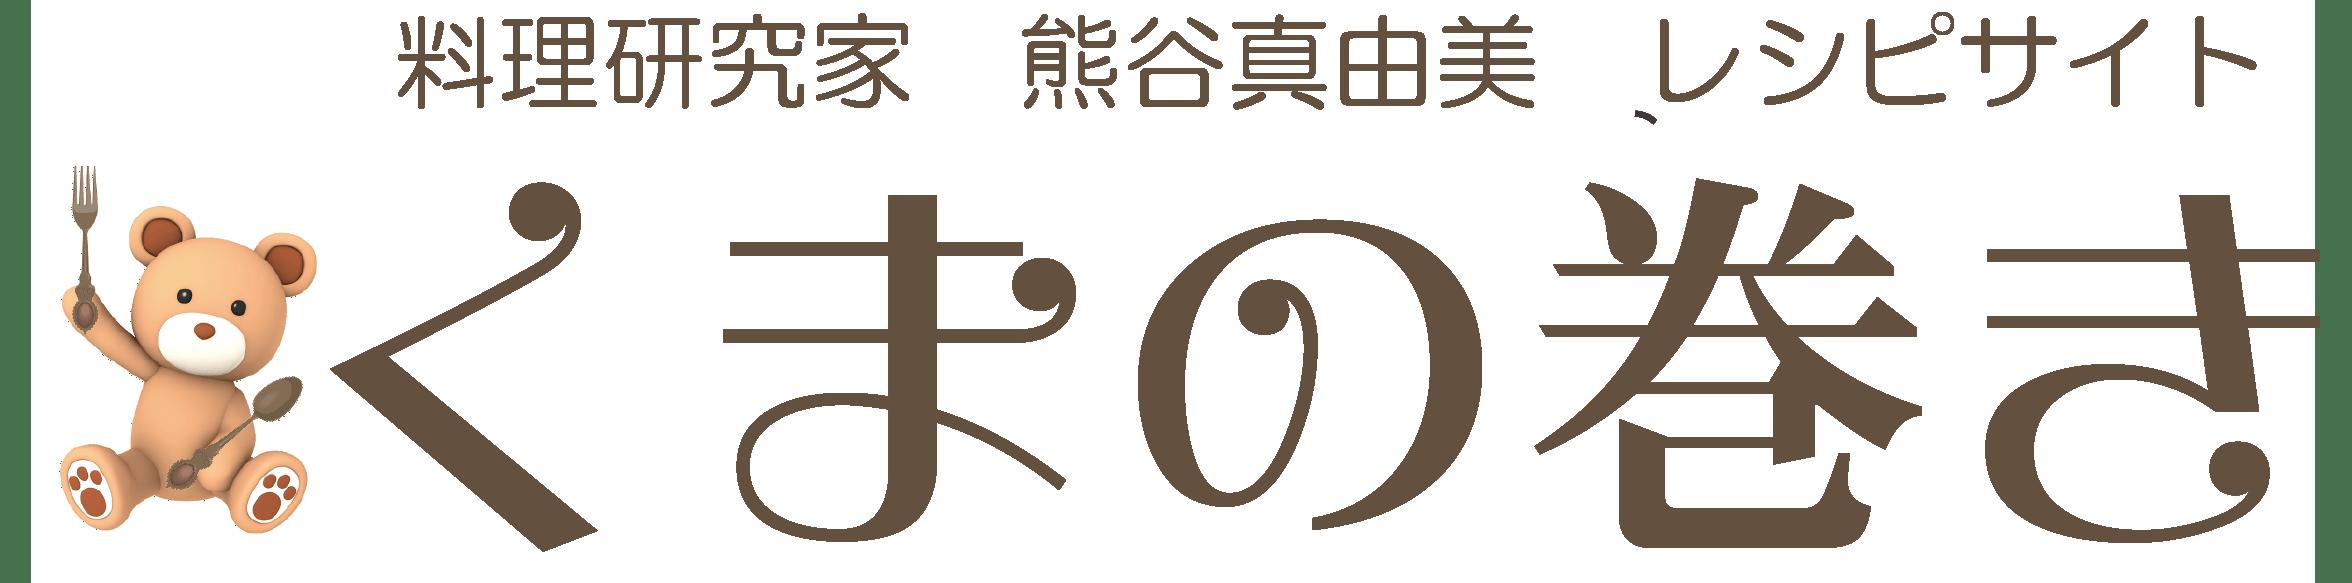 簡単!フランスお惣菜人参【キャロット ヴィッシー】 レシピ・作り方